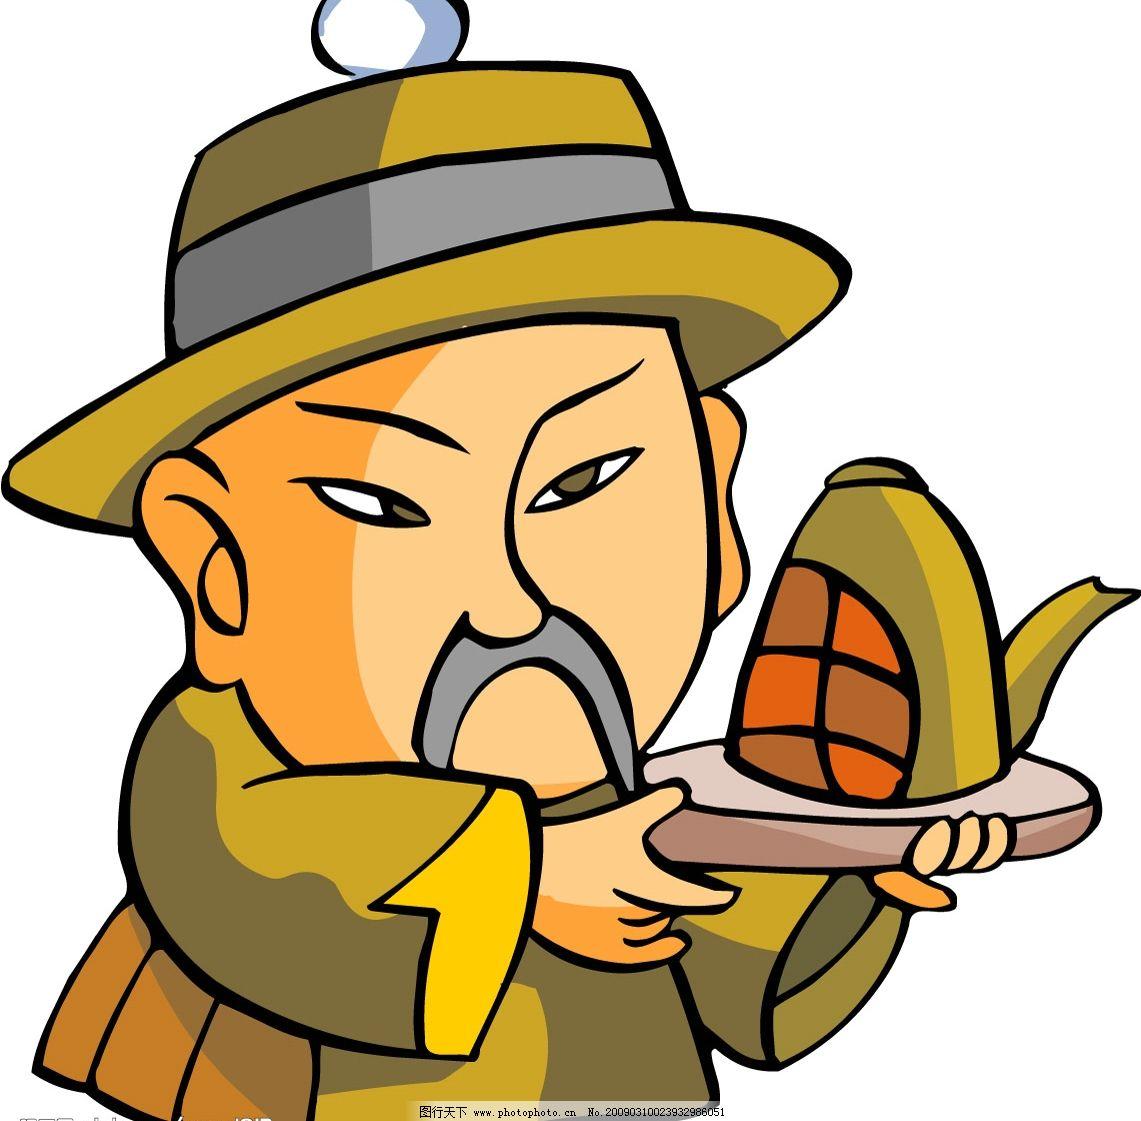 卡通风格中国古代人物矢量素材图片